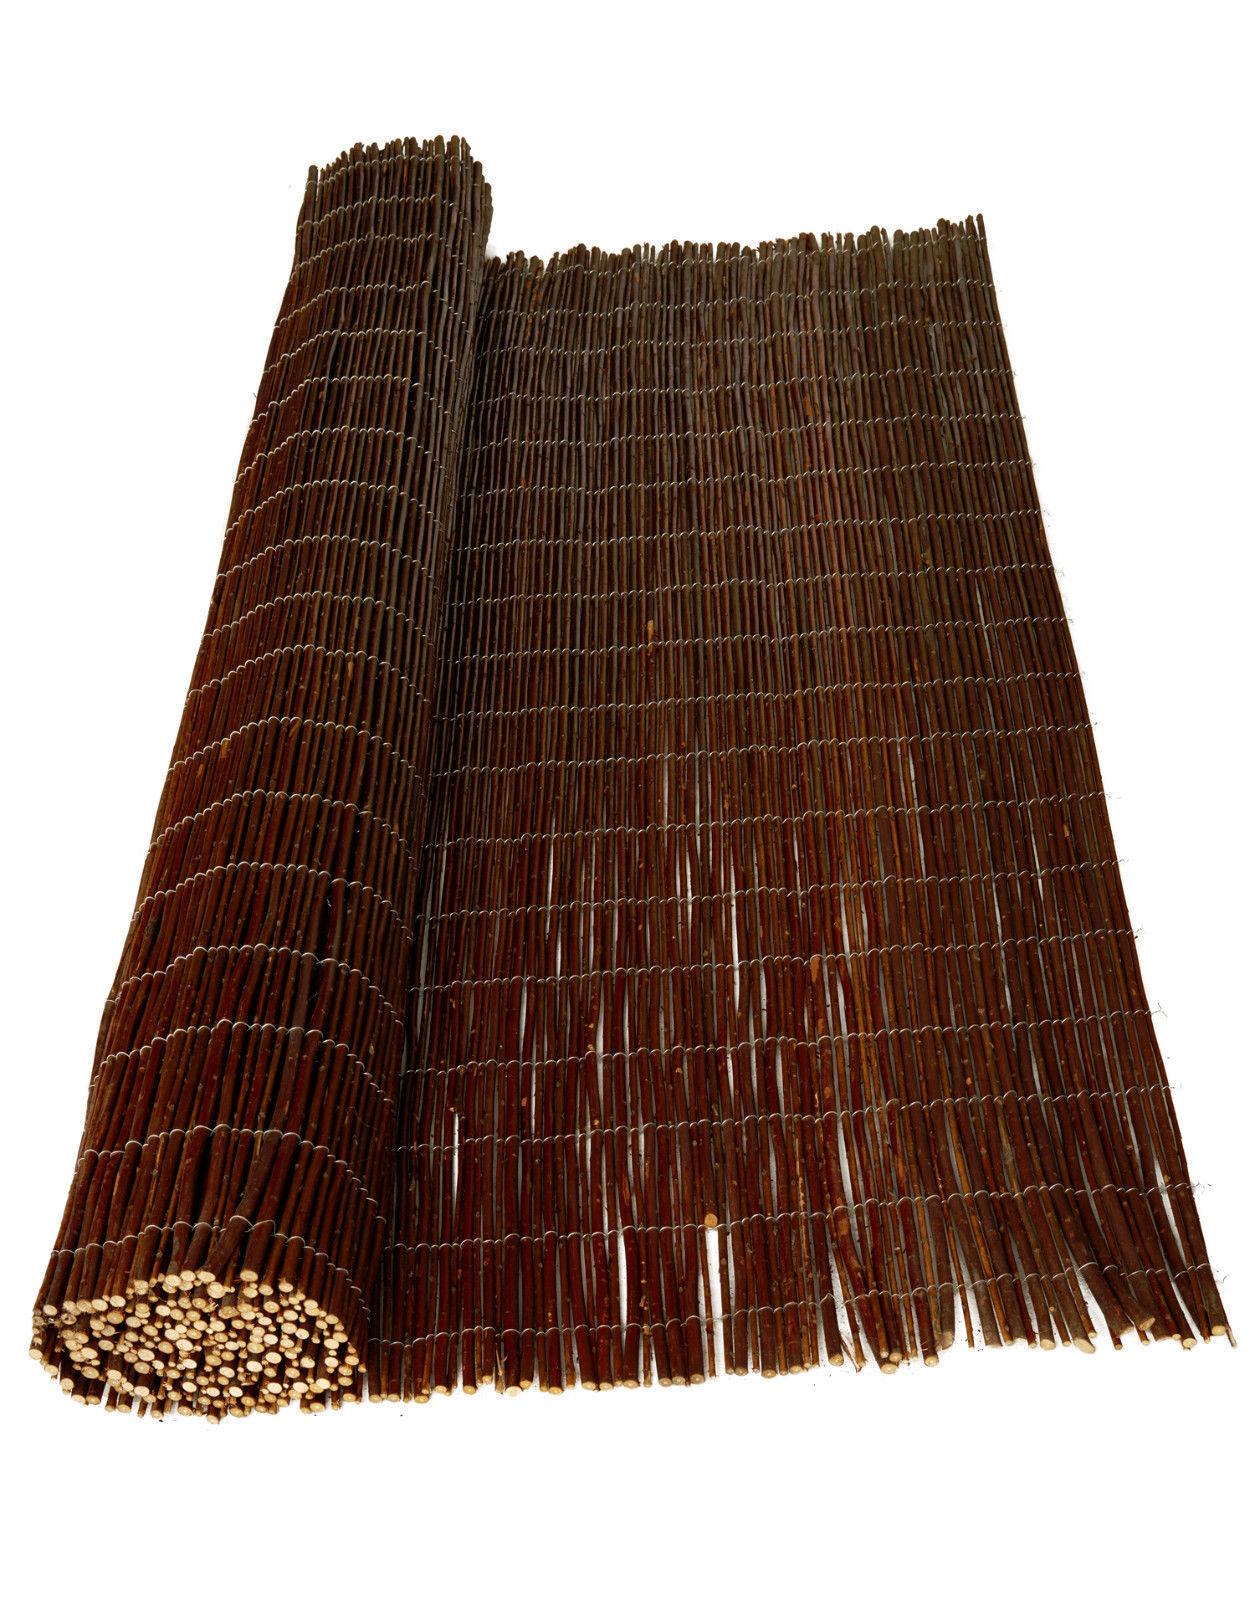 Sicht Larmschutzwande Aus Bambus Fur Den Garten Gunstig Kaufen